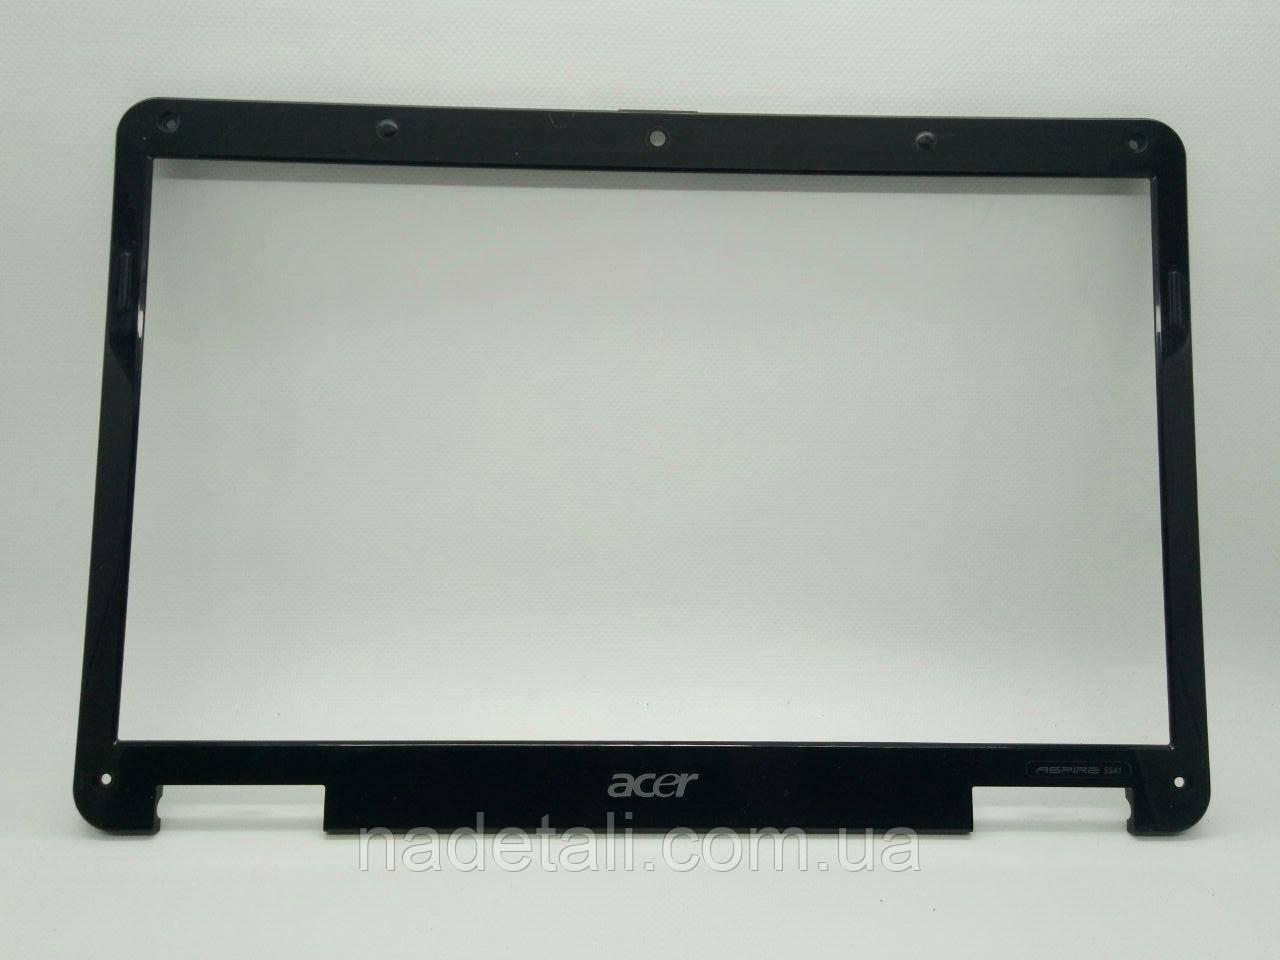 Рамка матрицы  Acer Aspire 5541 AP06S000100